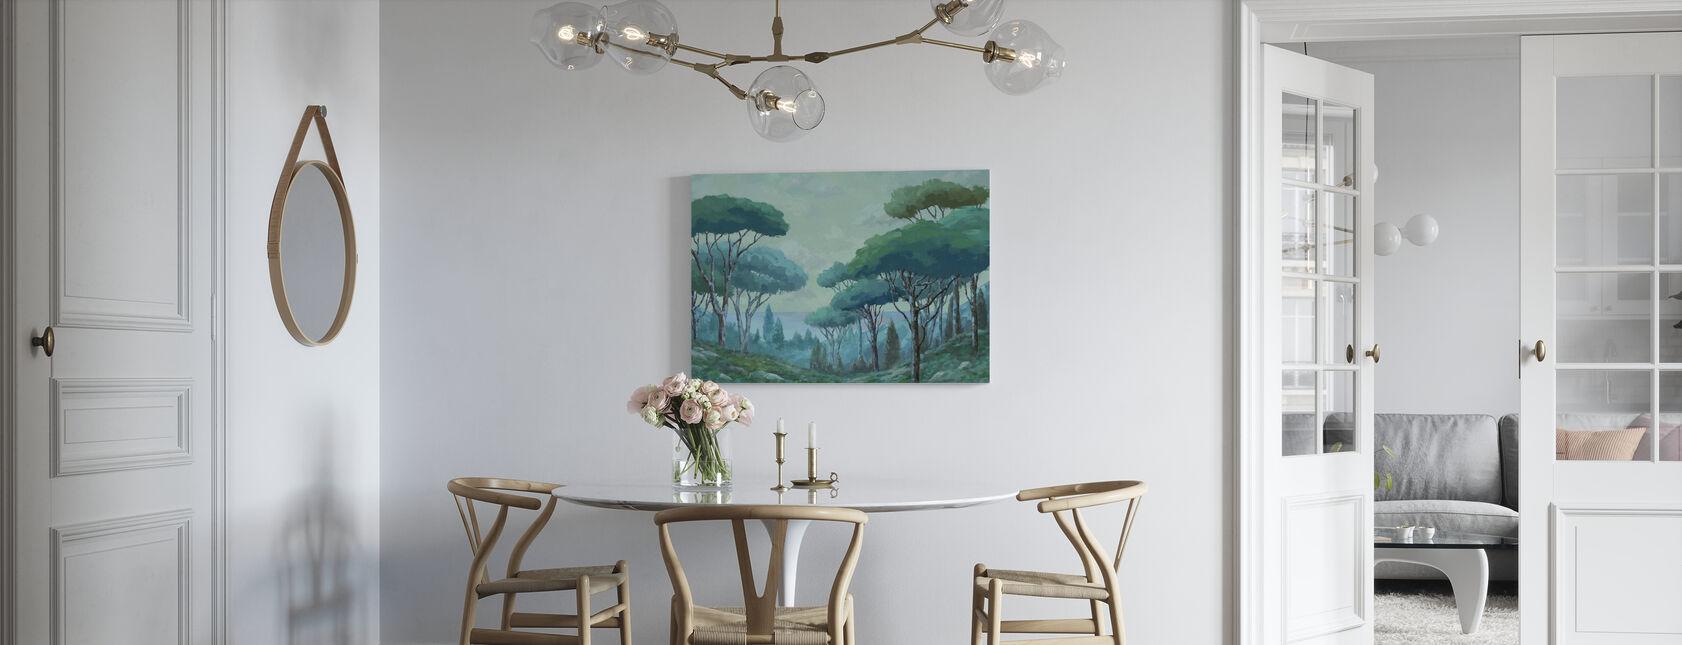 Liśna przyroda - Obraz na płótnie - Kuchnia